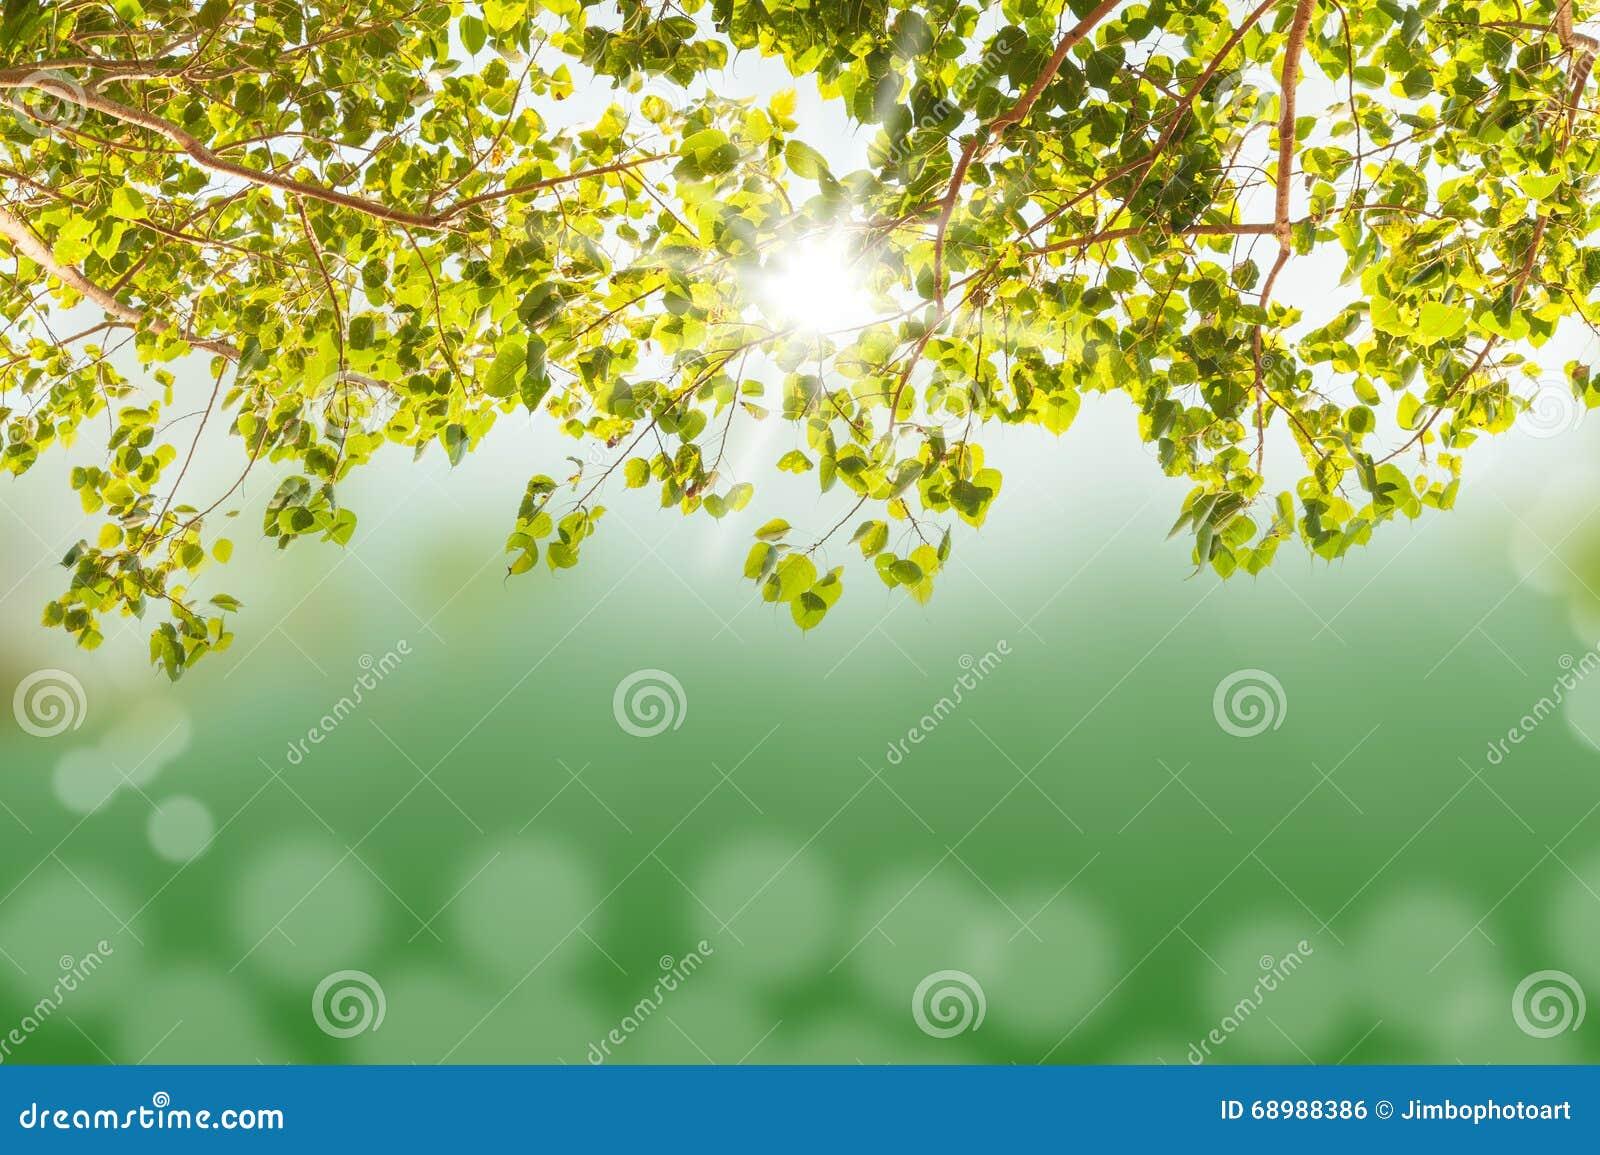 Árbol verde con el bokeh y el rayo solar ligeros borrosos